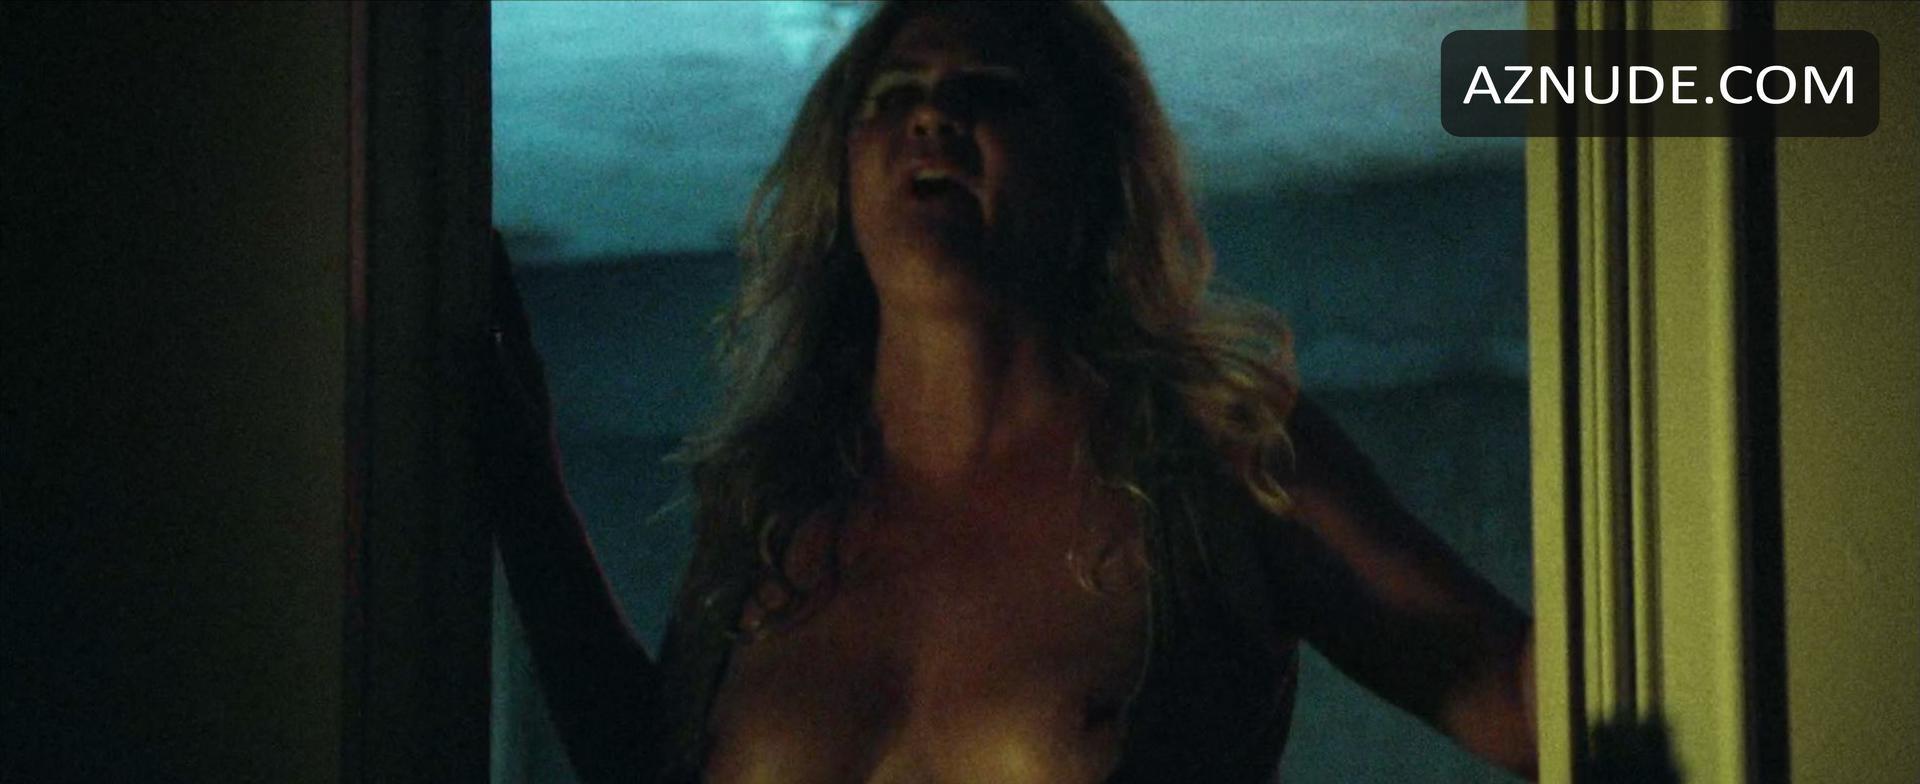 image Ginger lynn allen tiffany blake tom byron in classic porn